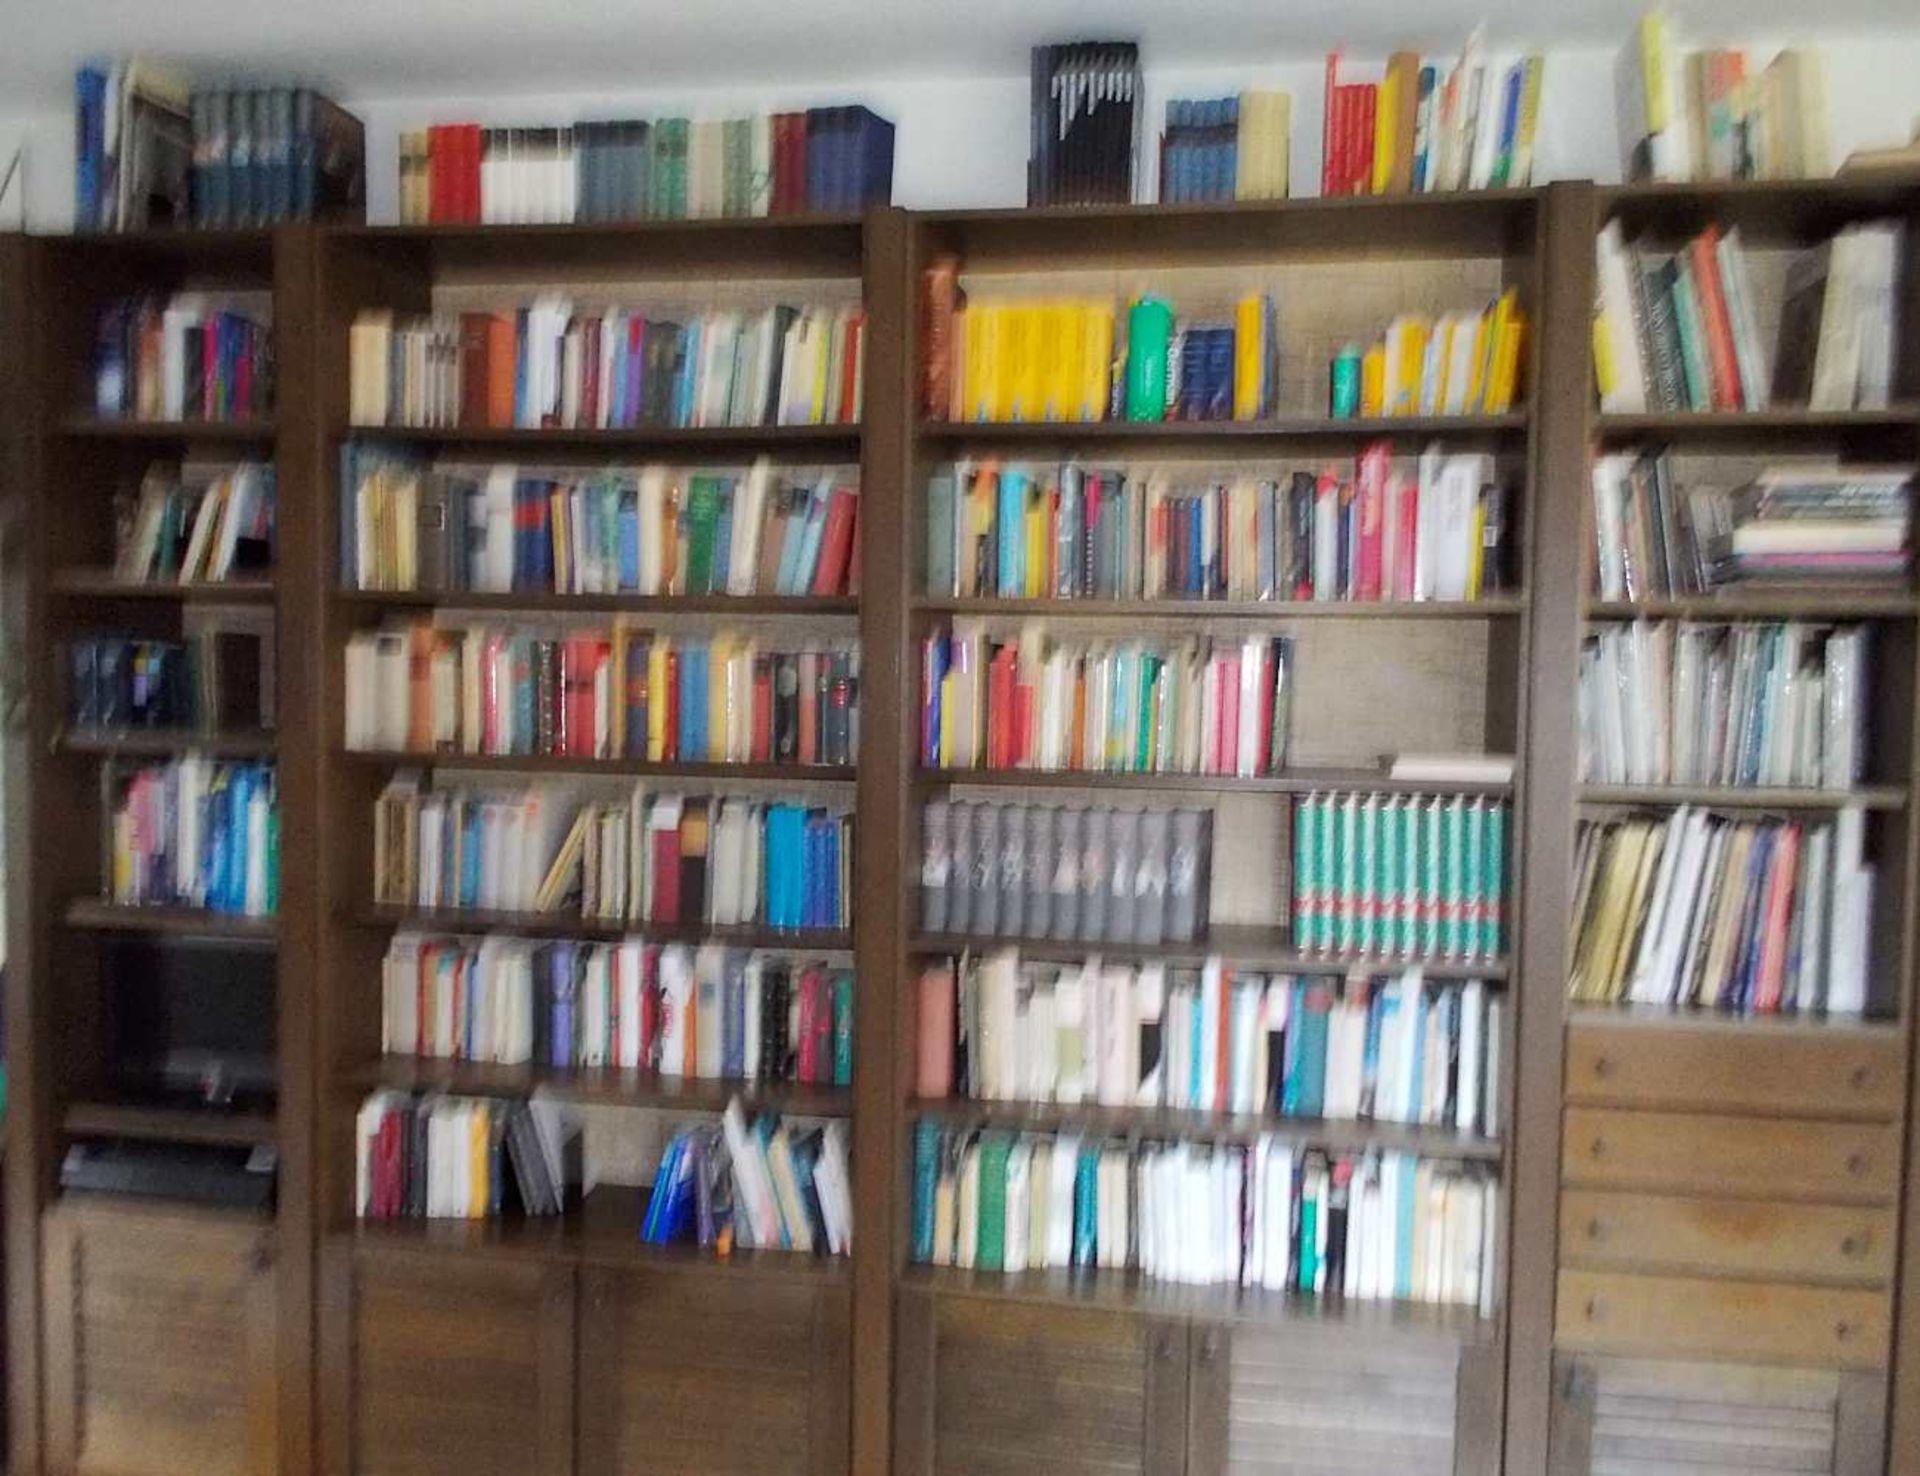 1 Bibliothek bestehend aus ca. 1000 Büchern nztl. Bildbände, Religion und Theologie, - Bild 5 aus 8